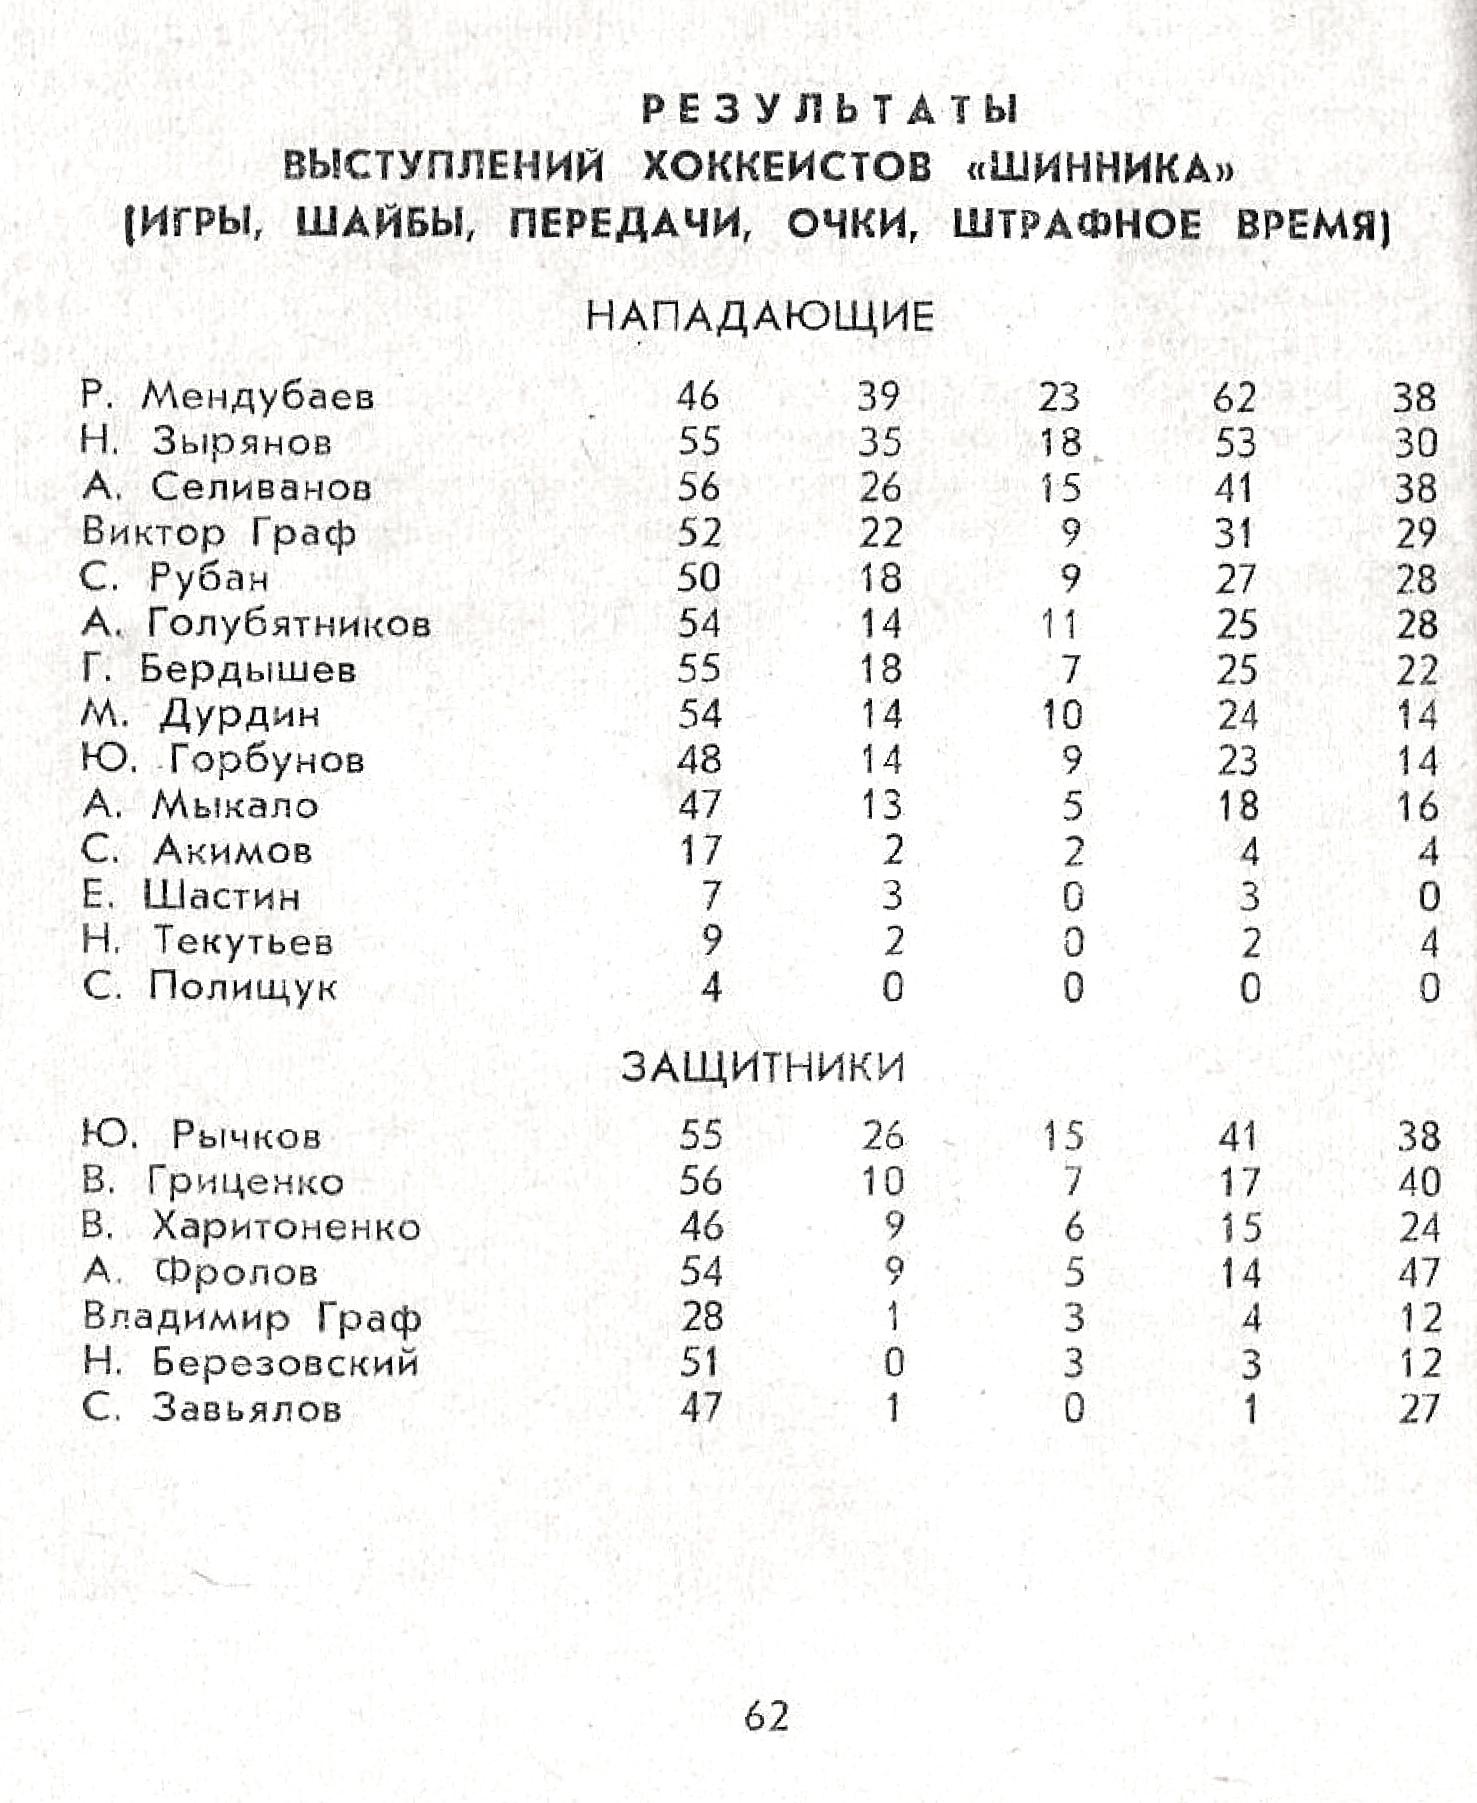 Хоккей 1978-79. Календарь-справочник. Омск - Лаптев Г.-1.jpg